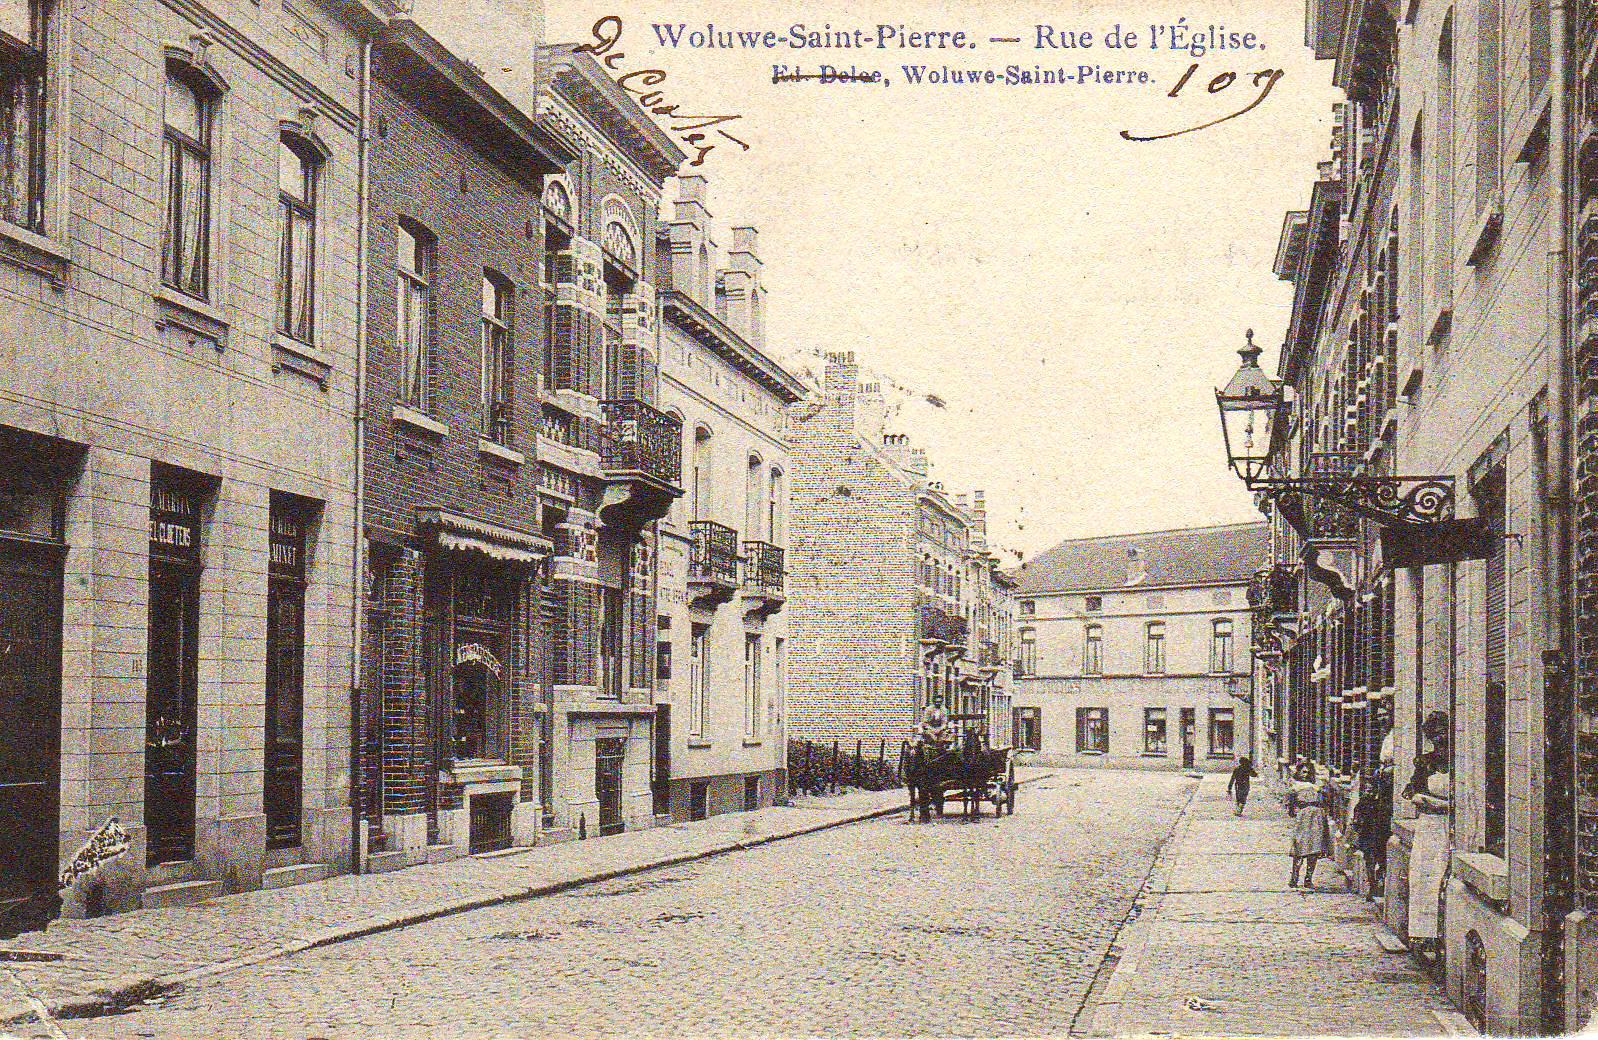 La rue Paul Wemaere dans les années 1900 (Collection cartes postales Dexia Banque, s.d.).